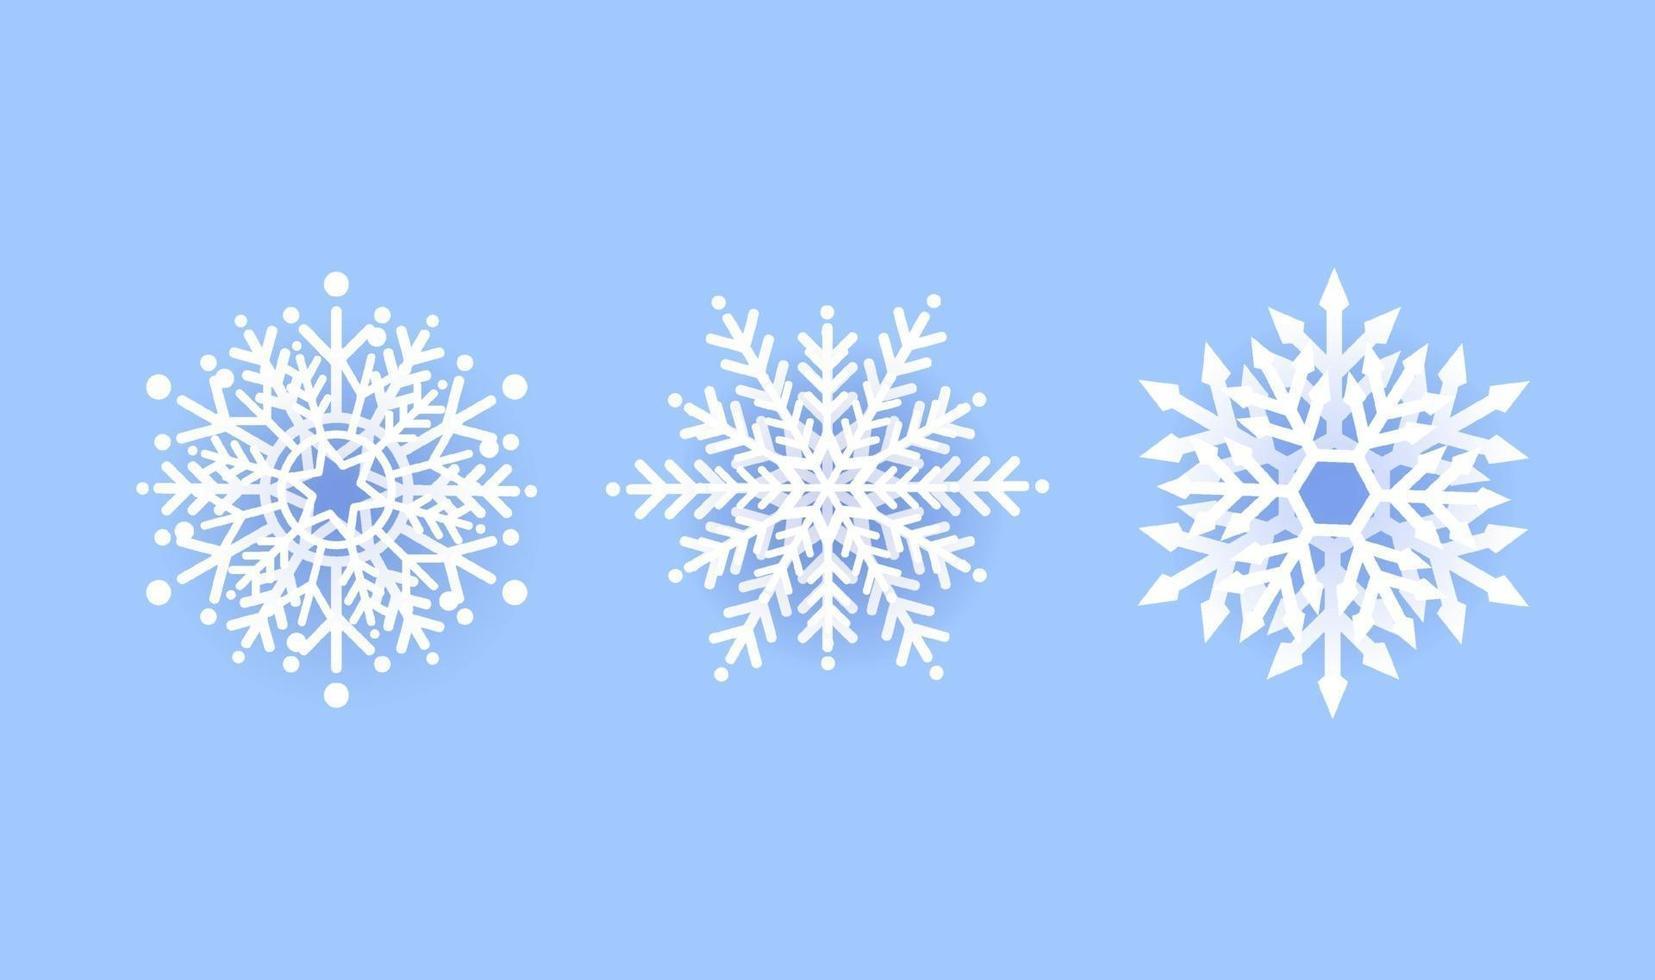 flocon de neige hiver définir la conception d'icône sur fond bleu. illustration vectorielle vecteur